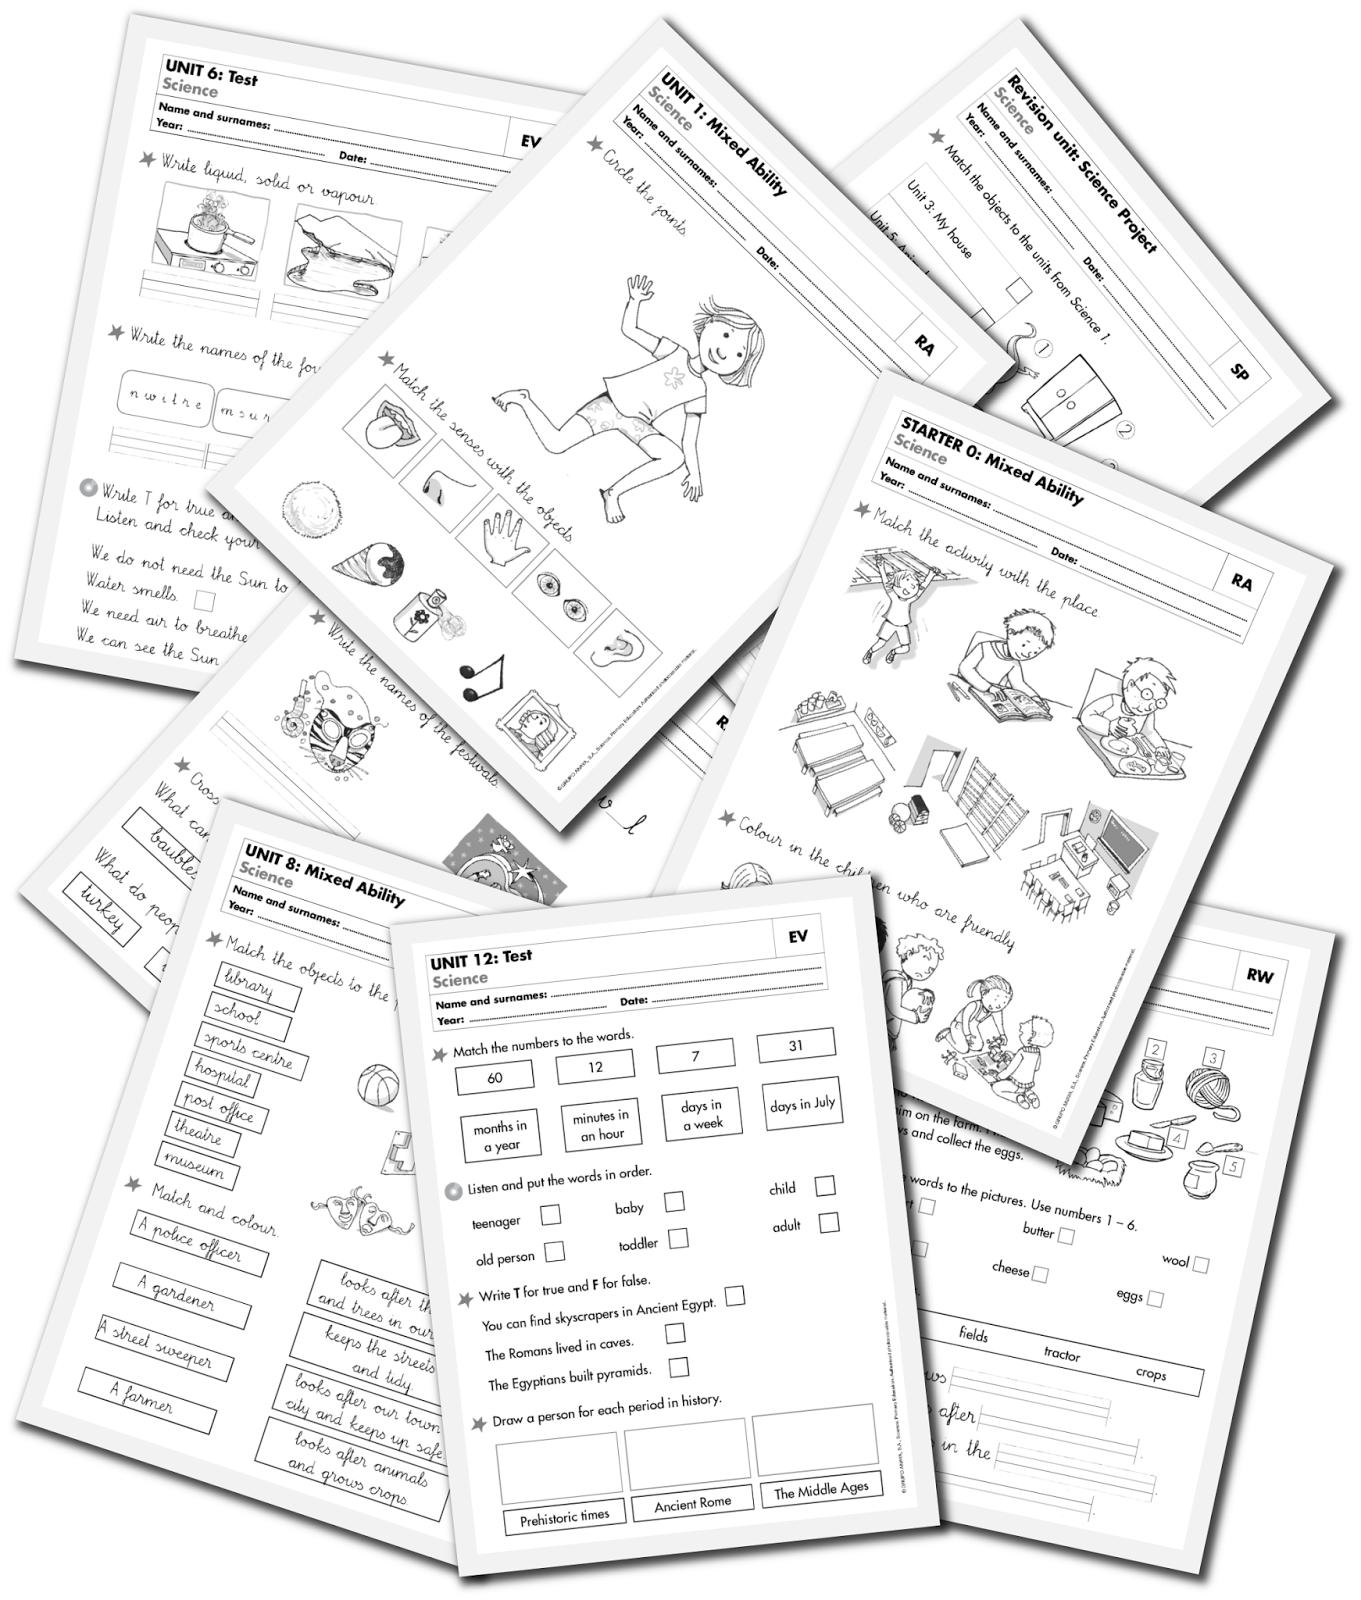 Material Fotocopiable De Science 1º St Fichas Partes Del Cuerpo En Ingles Ejercicios De Ingles